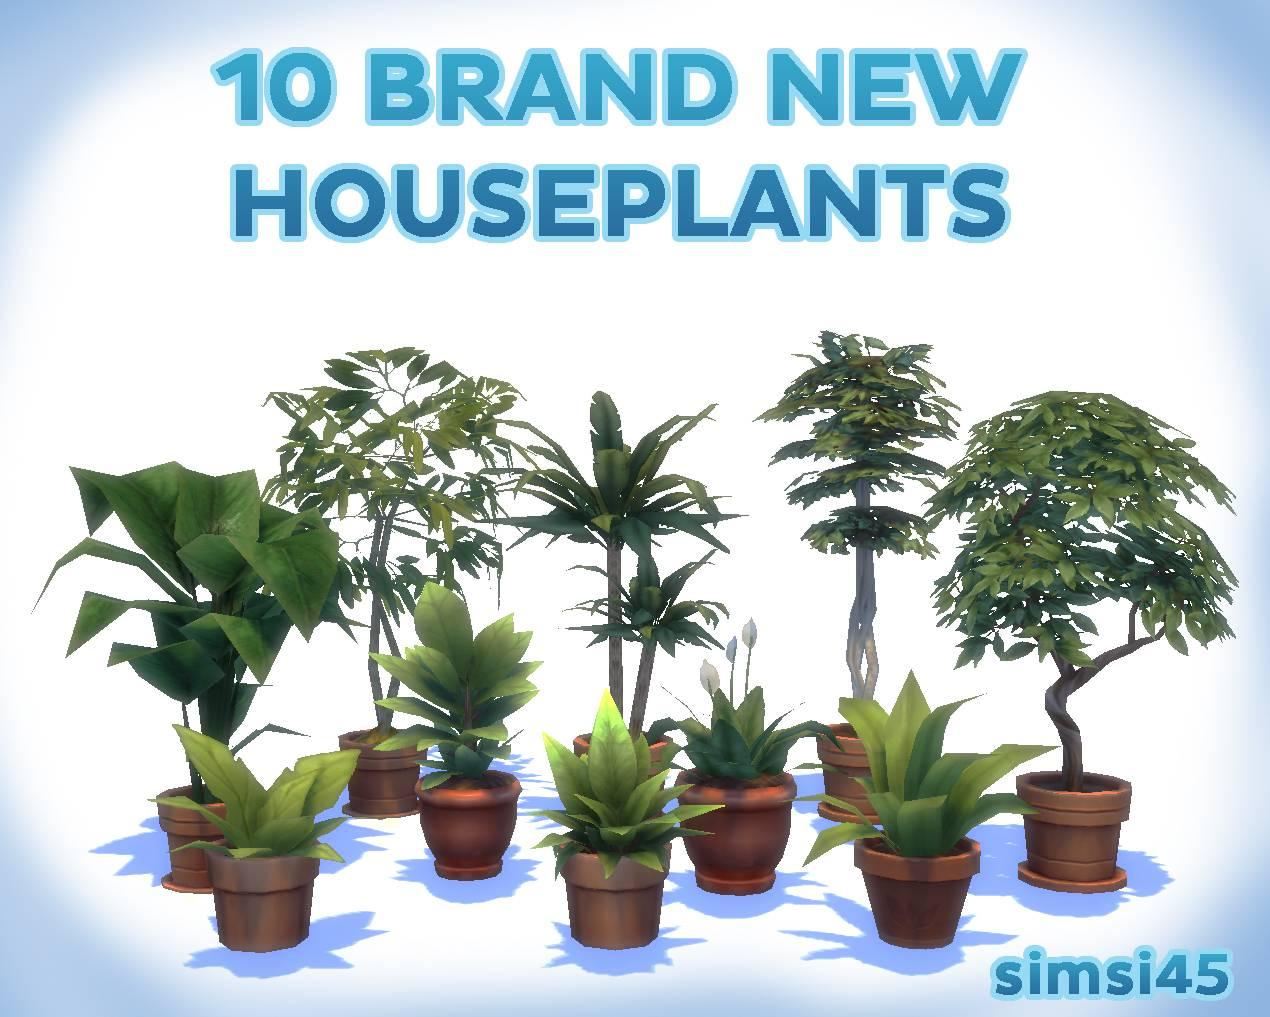 Набор комнатных растений - 10 Potted Houseplants! (pt1)